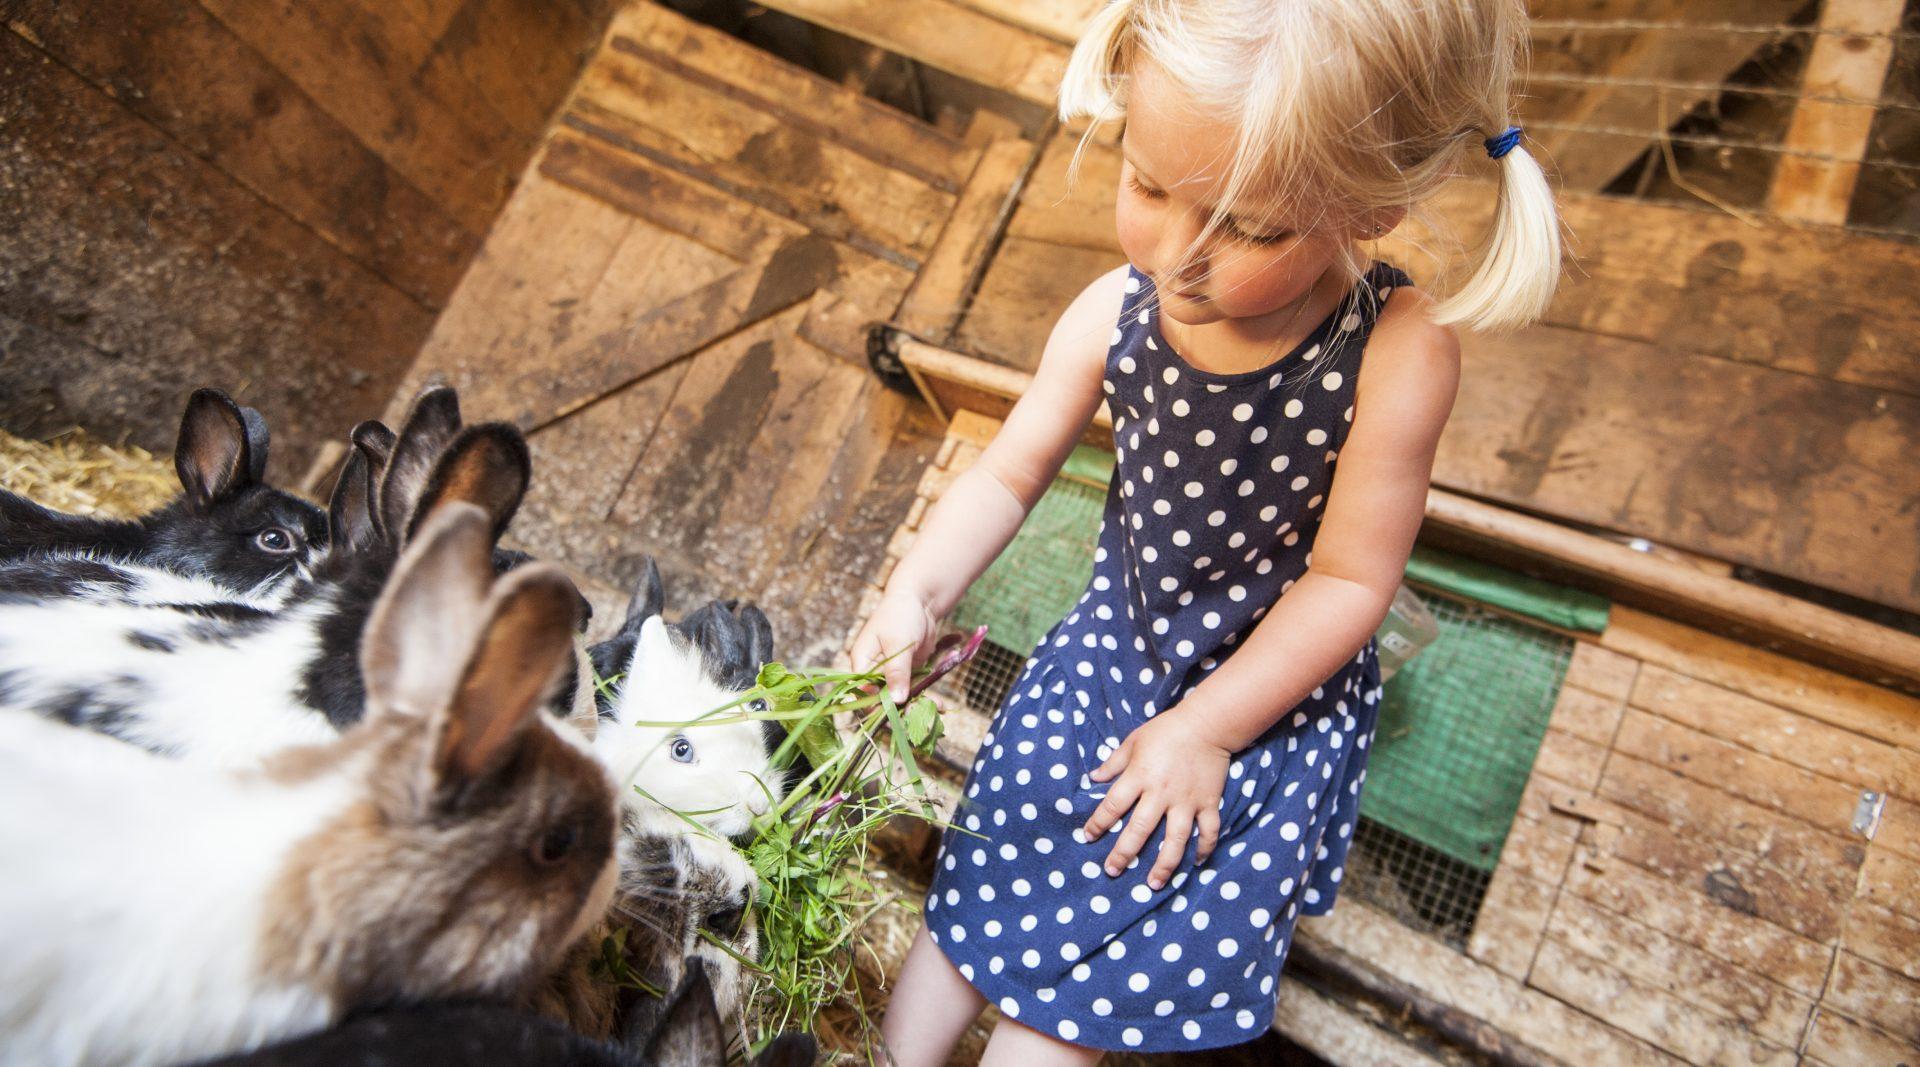 Bambina bionda che foraggia i conigli in fattoria